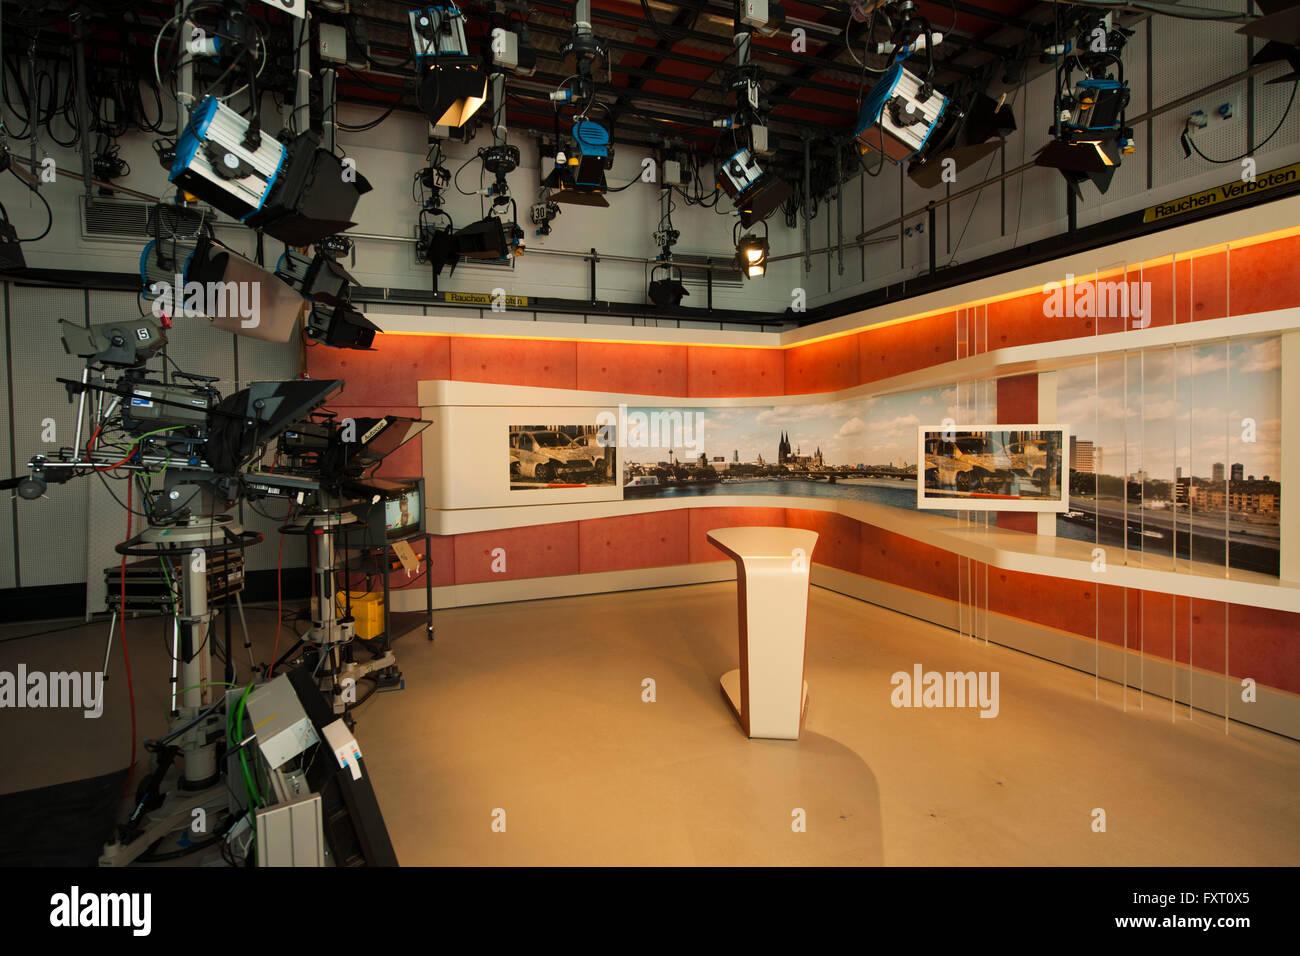 Fernsehen stockfotos fernsehen bilder alamy for Zdf moderatorin schlaganfall